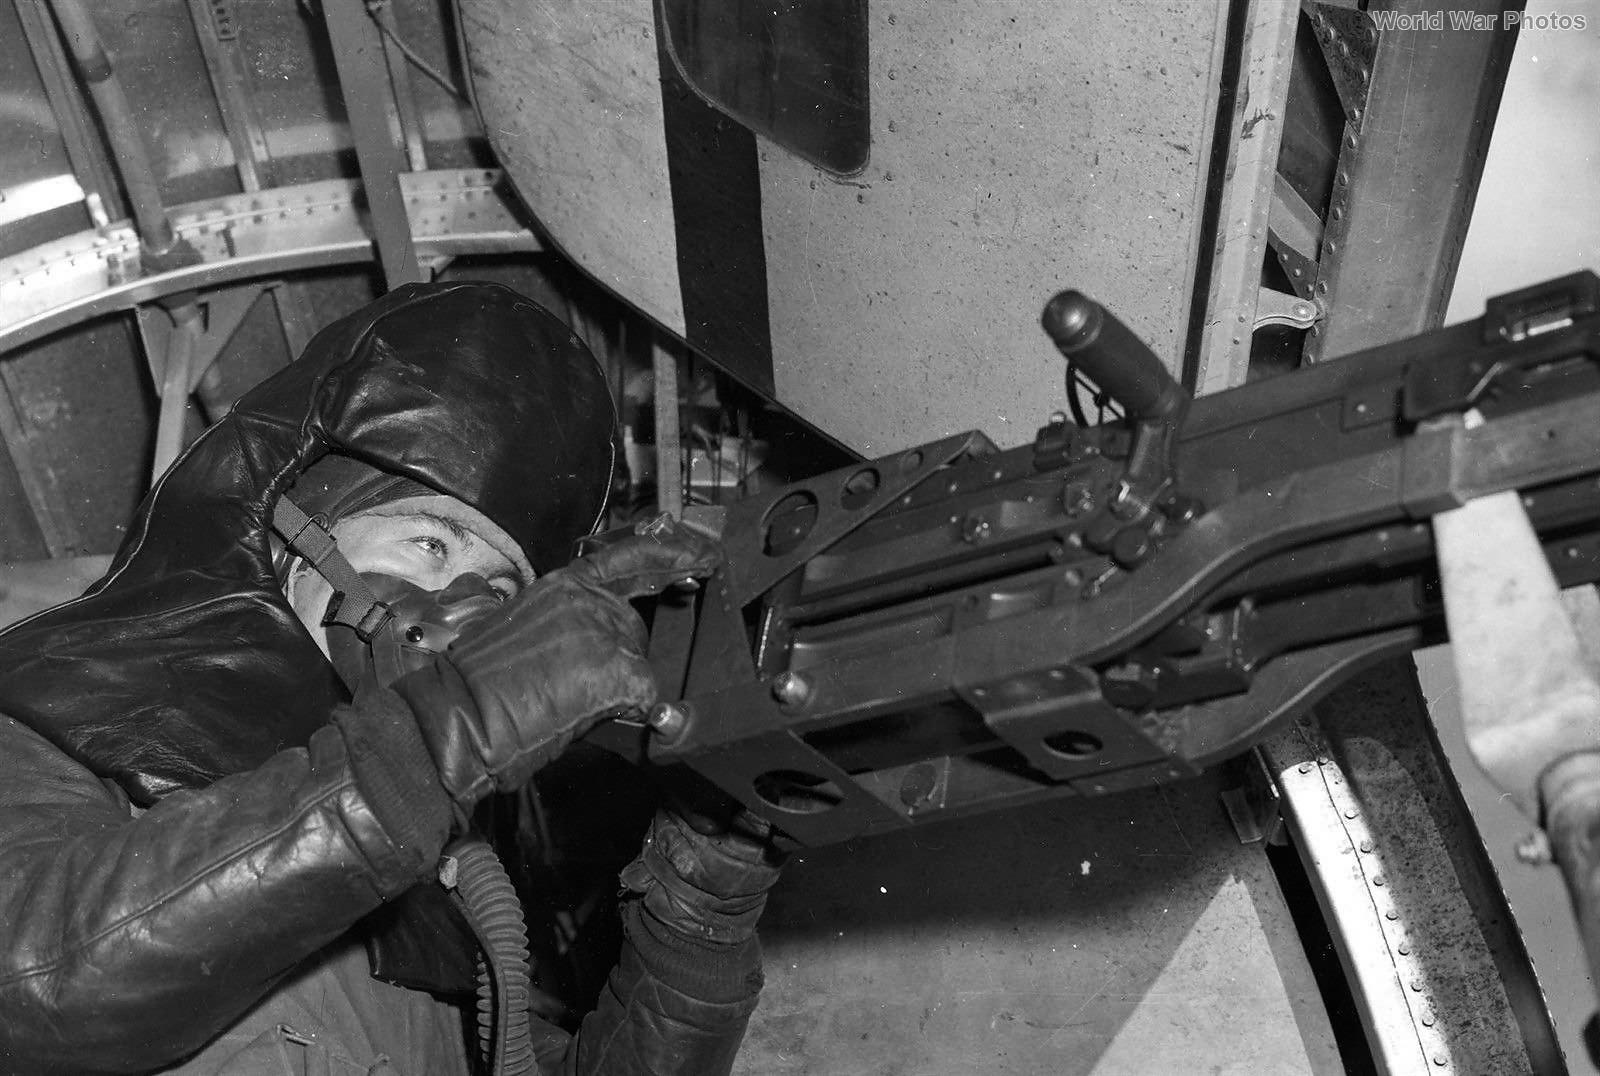 B-24 Waist Gunner with Armor, 376th BG 1944